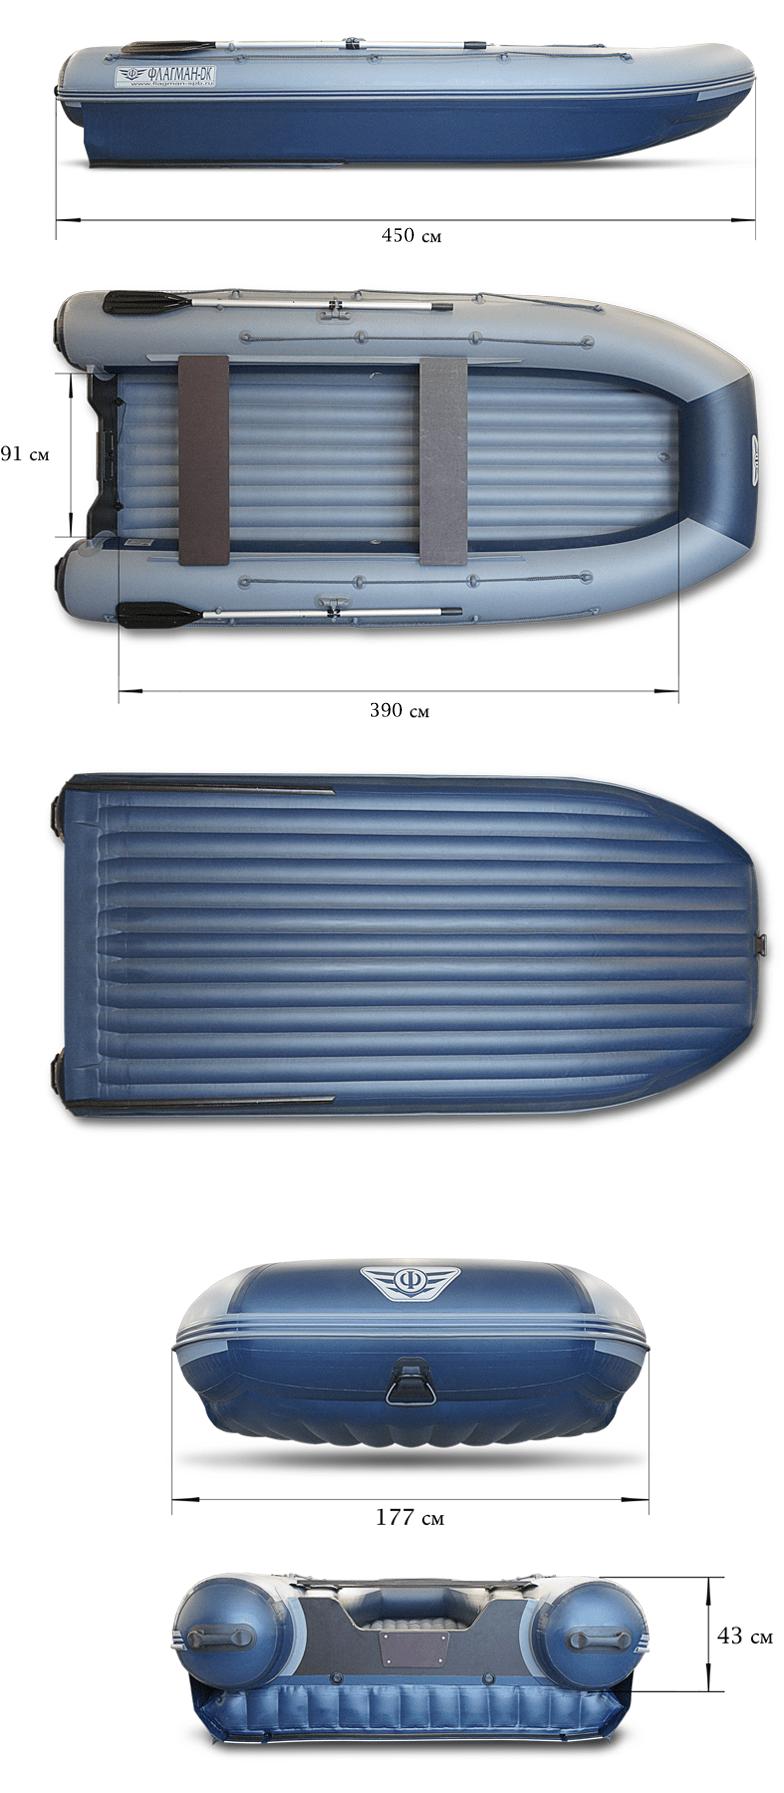 ФЛАГМАН DK 450 AIR